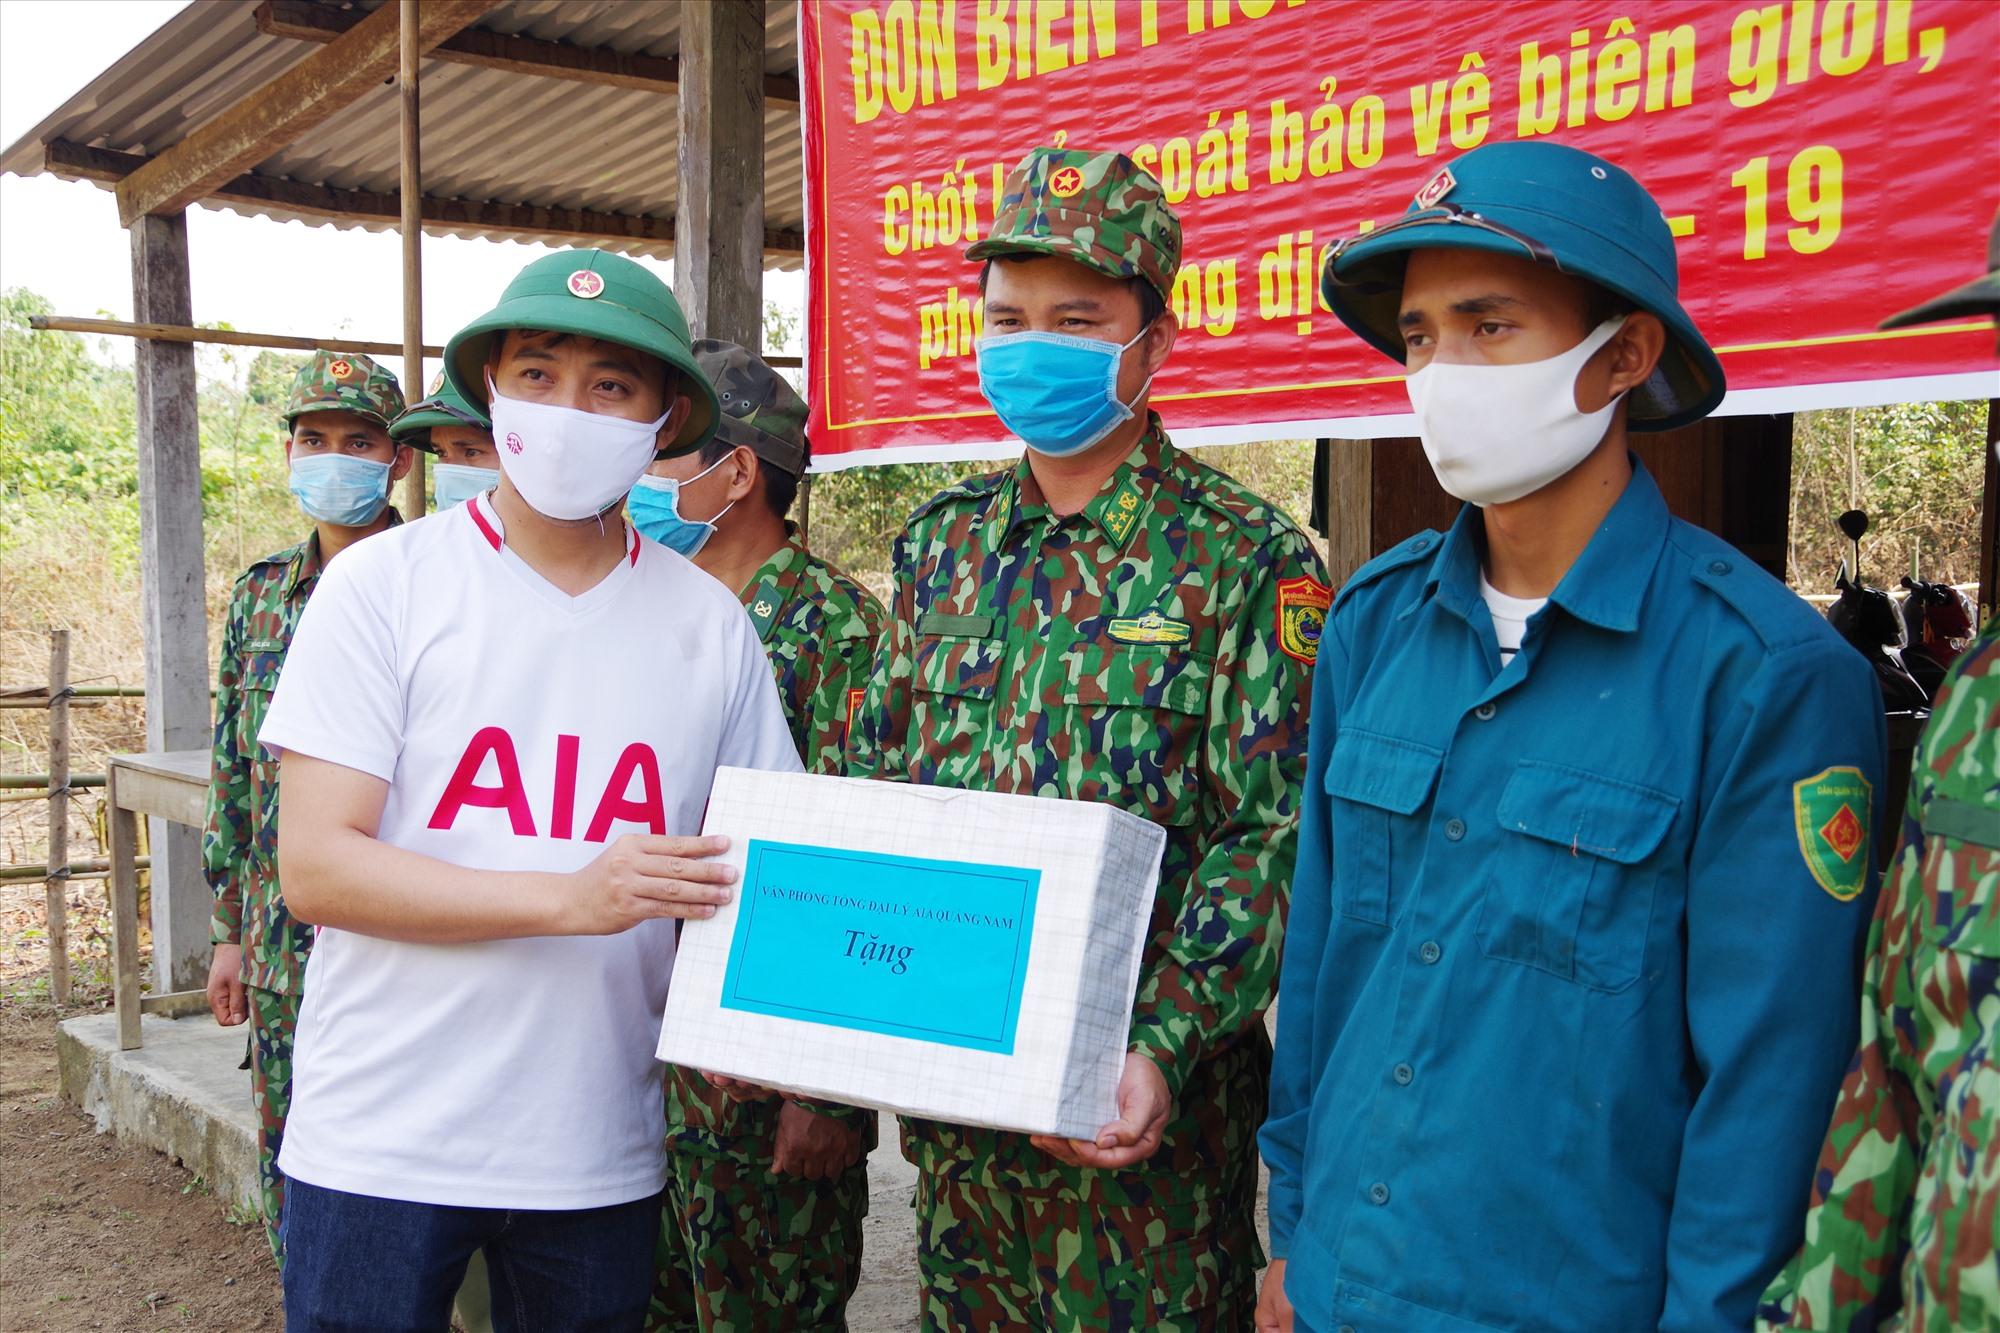 Đại diện Tổng đại lý AIA Quảng Nam tặng quà lực lượng làm nhiệm vụ tại các chốt biên giới. Ảnh HỒNG ANH